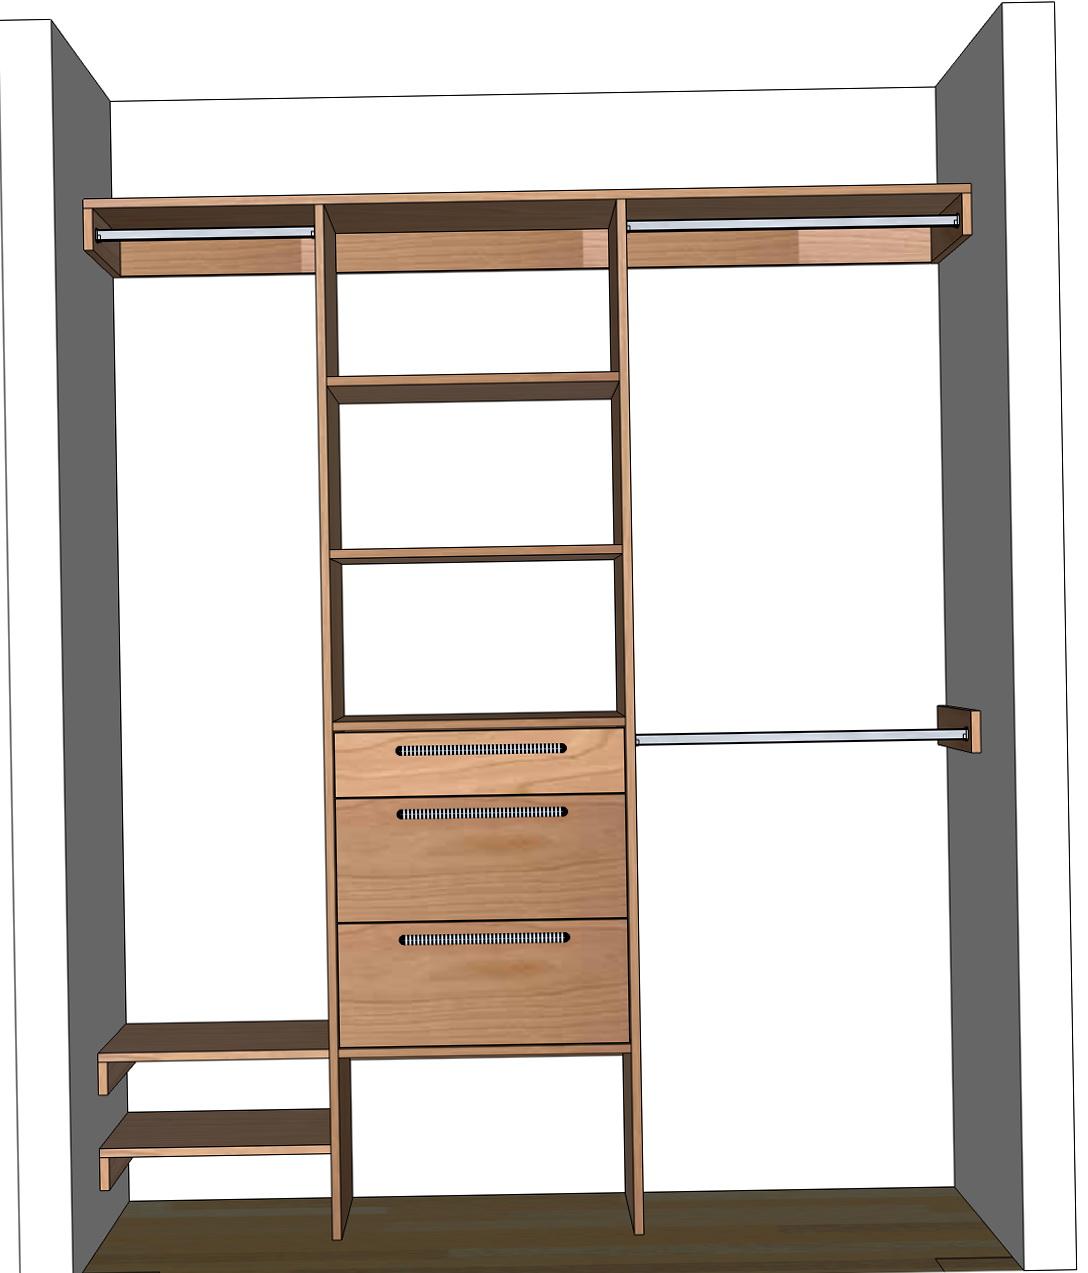 Diy Closet System Plans